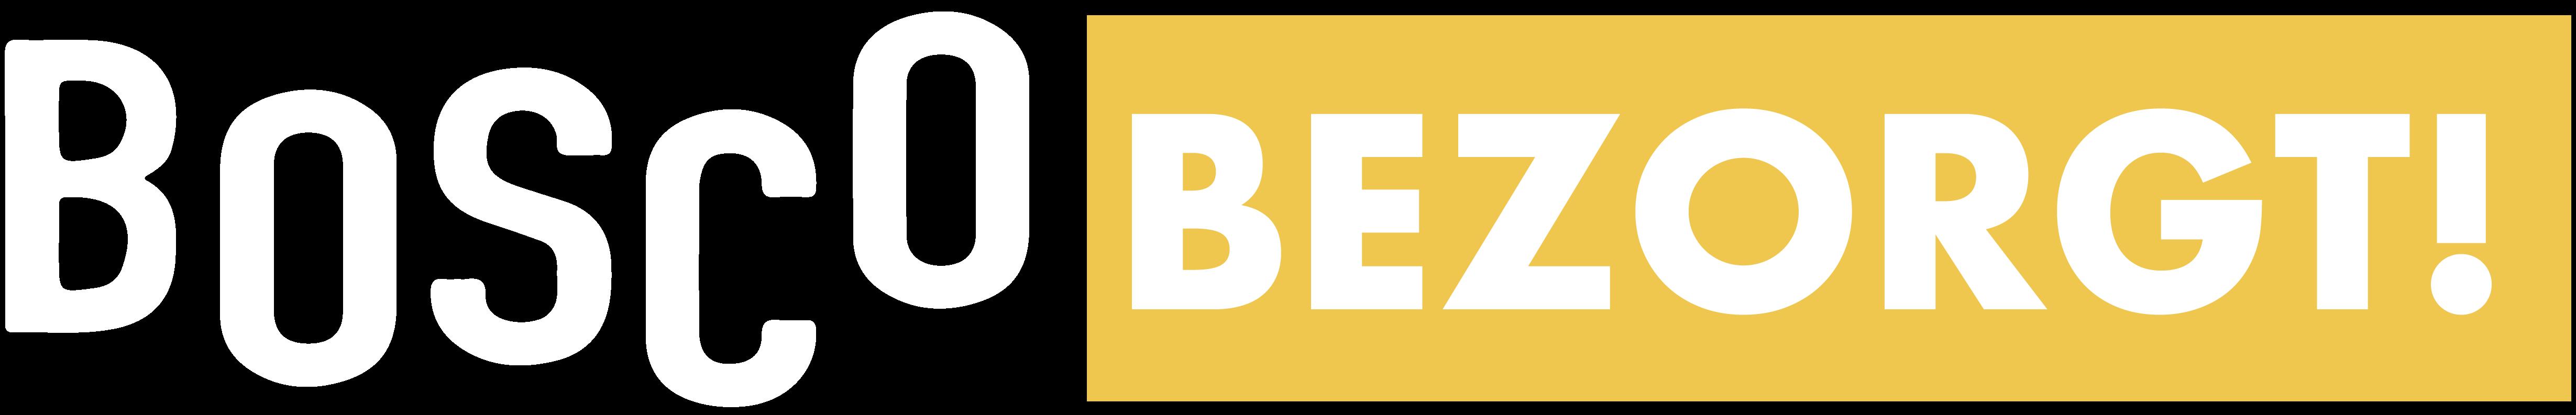 BoscoBezorgt